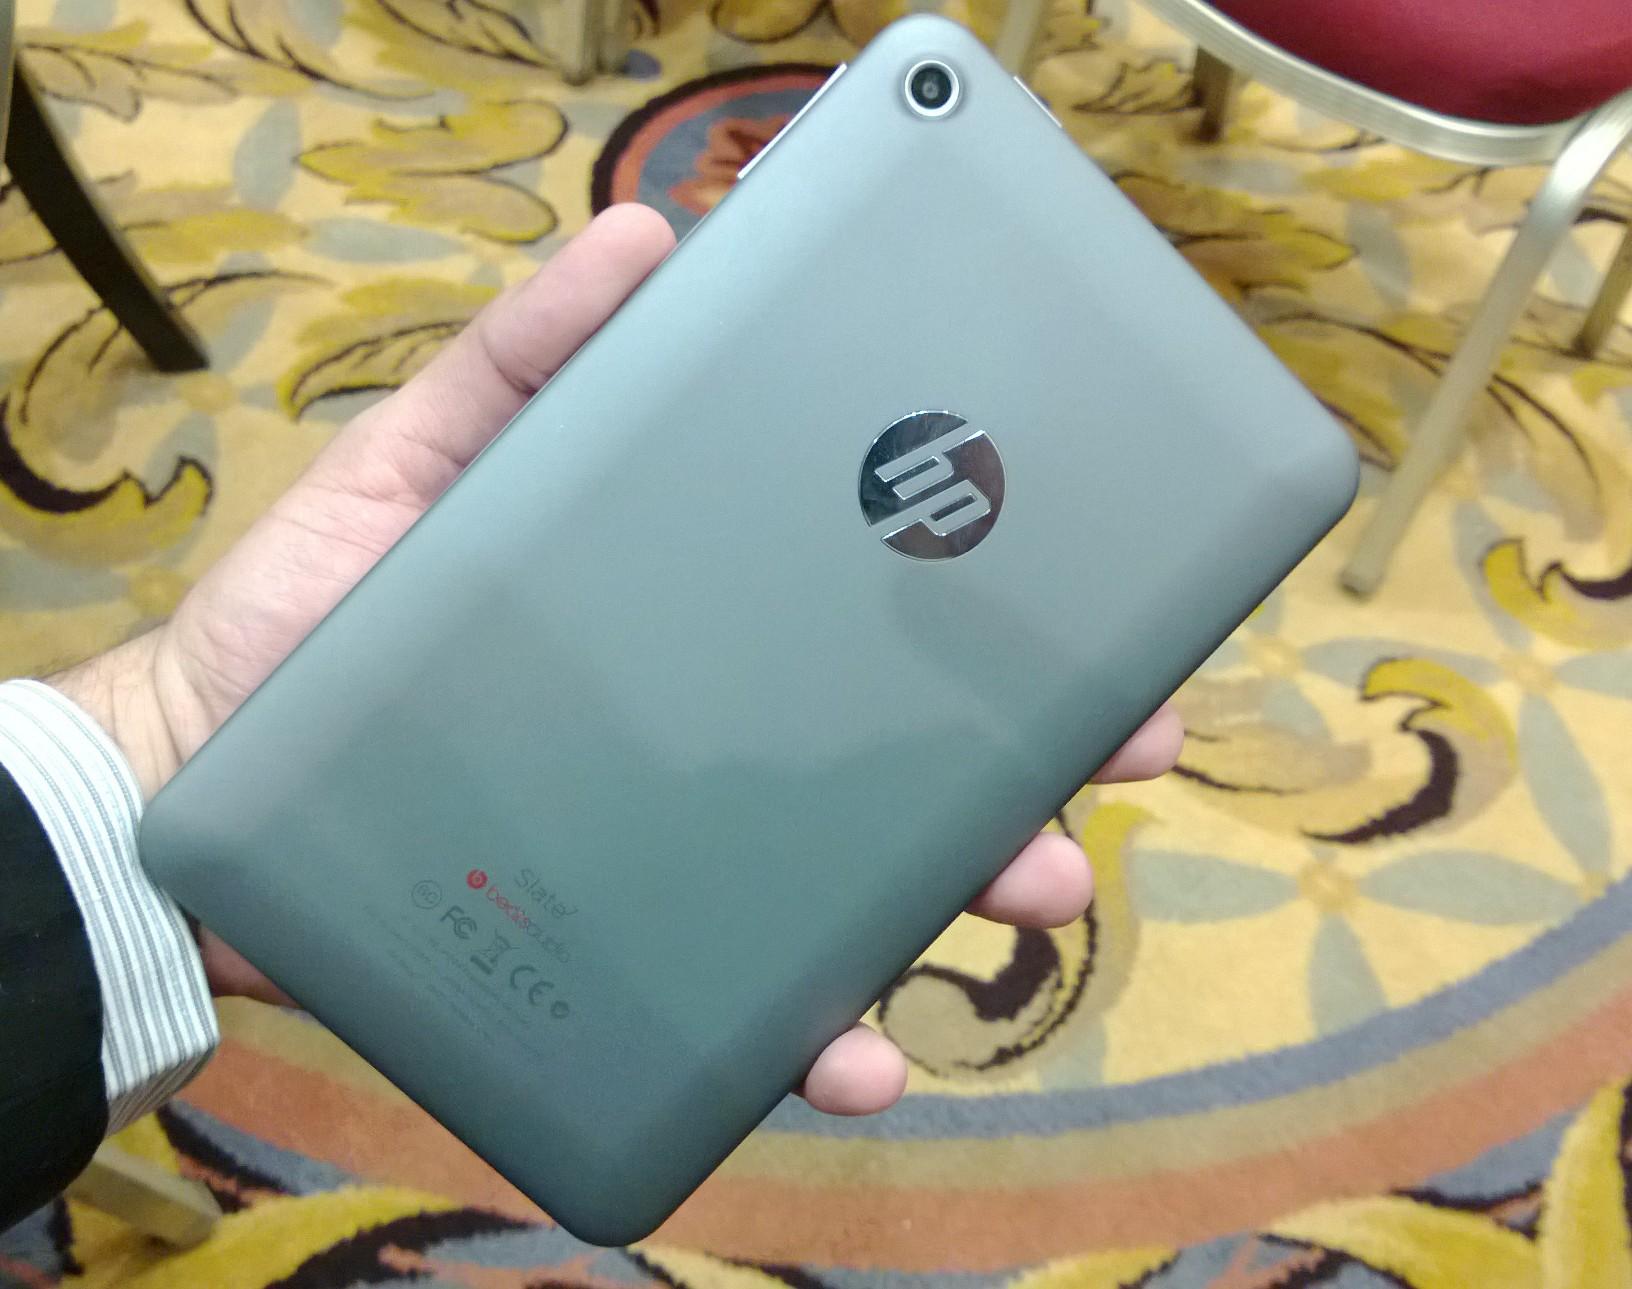 HP Slate 7 é um tablet de baixo custo com qualidade (Foto: Allan Melo/TechTudo)